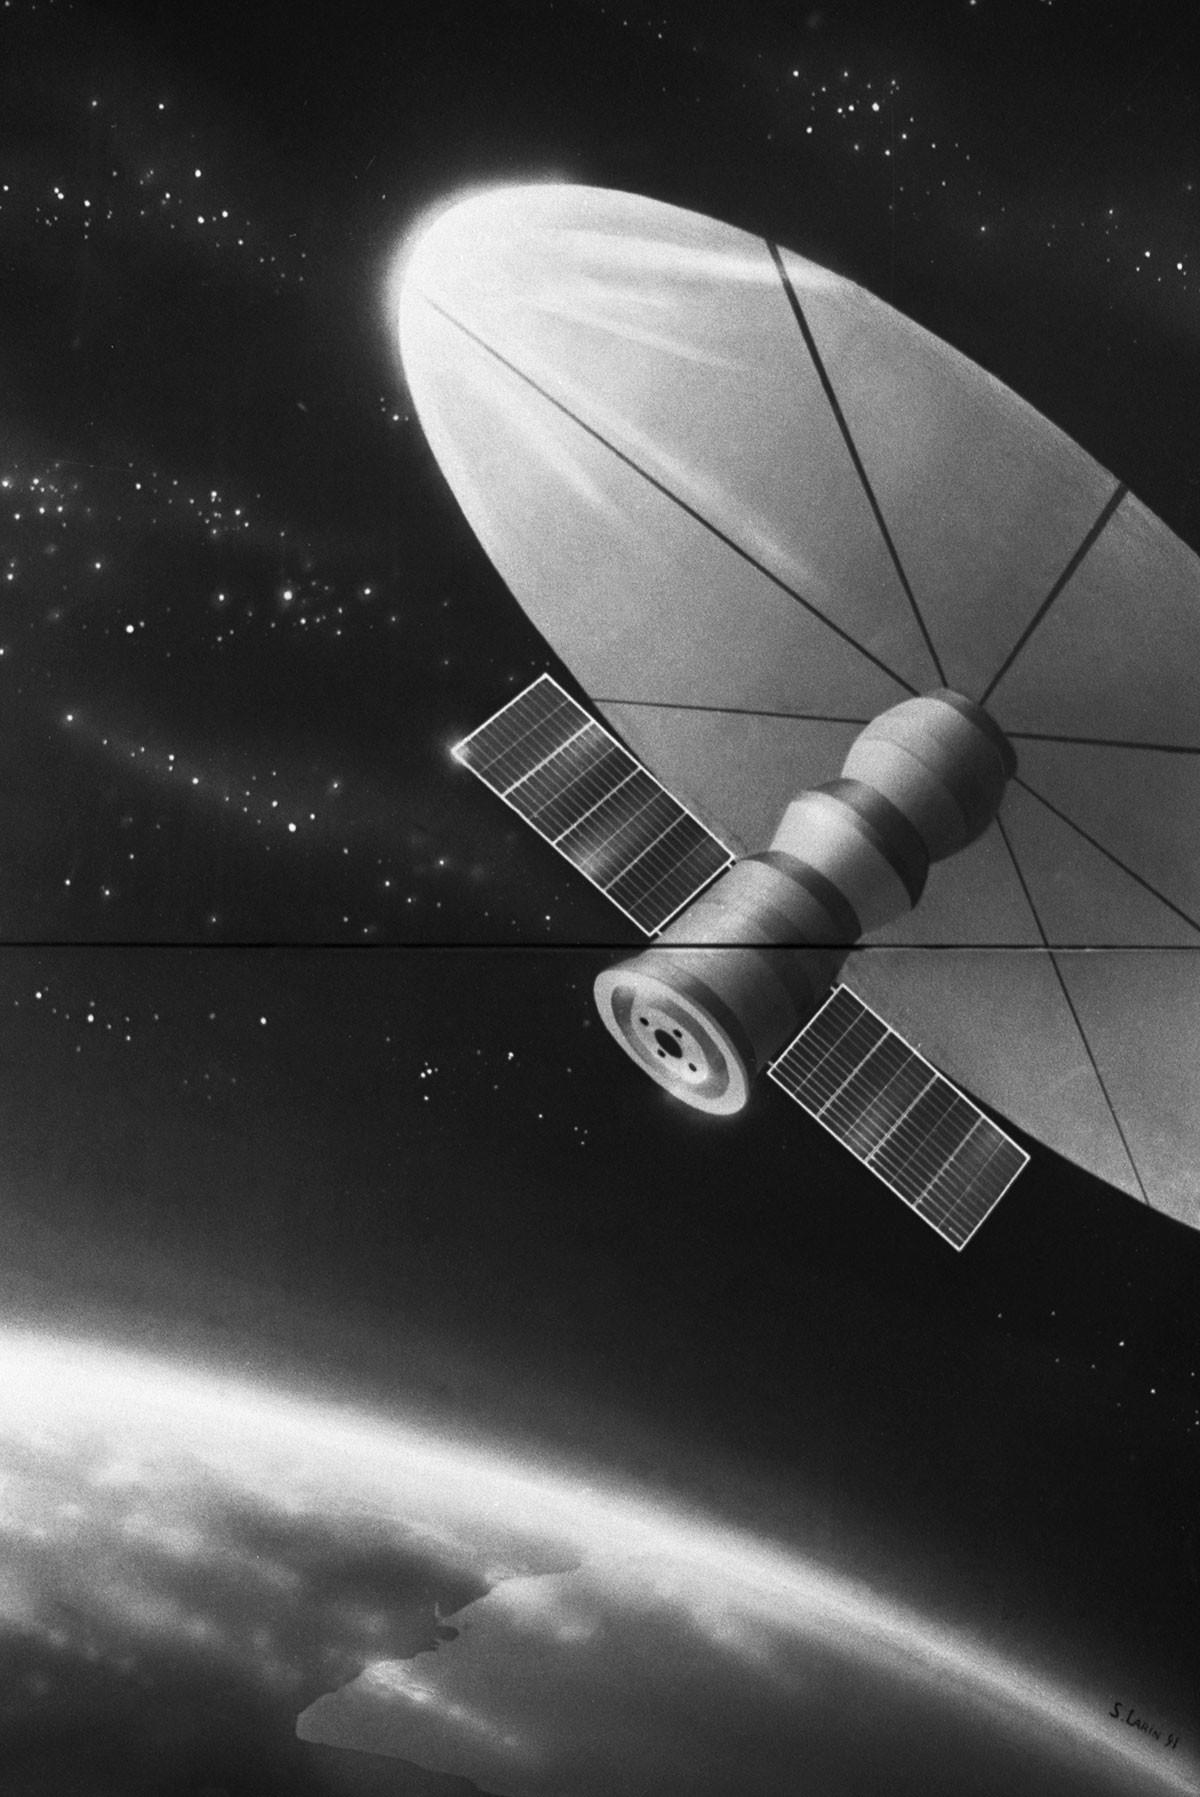 La sonda Progress, 6 novembre 1991